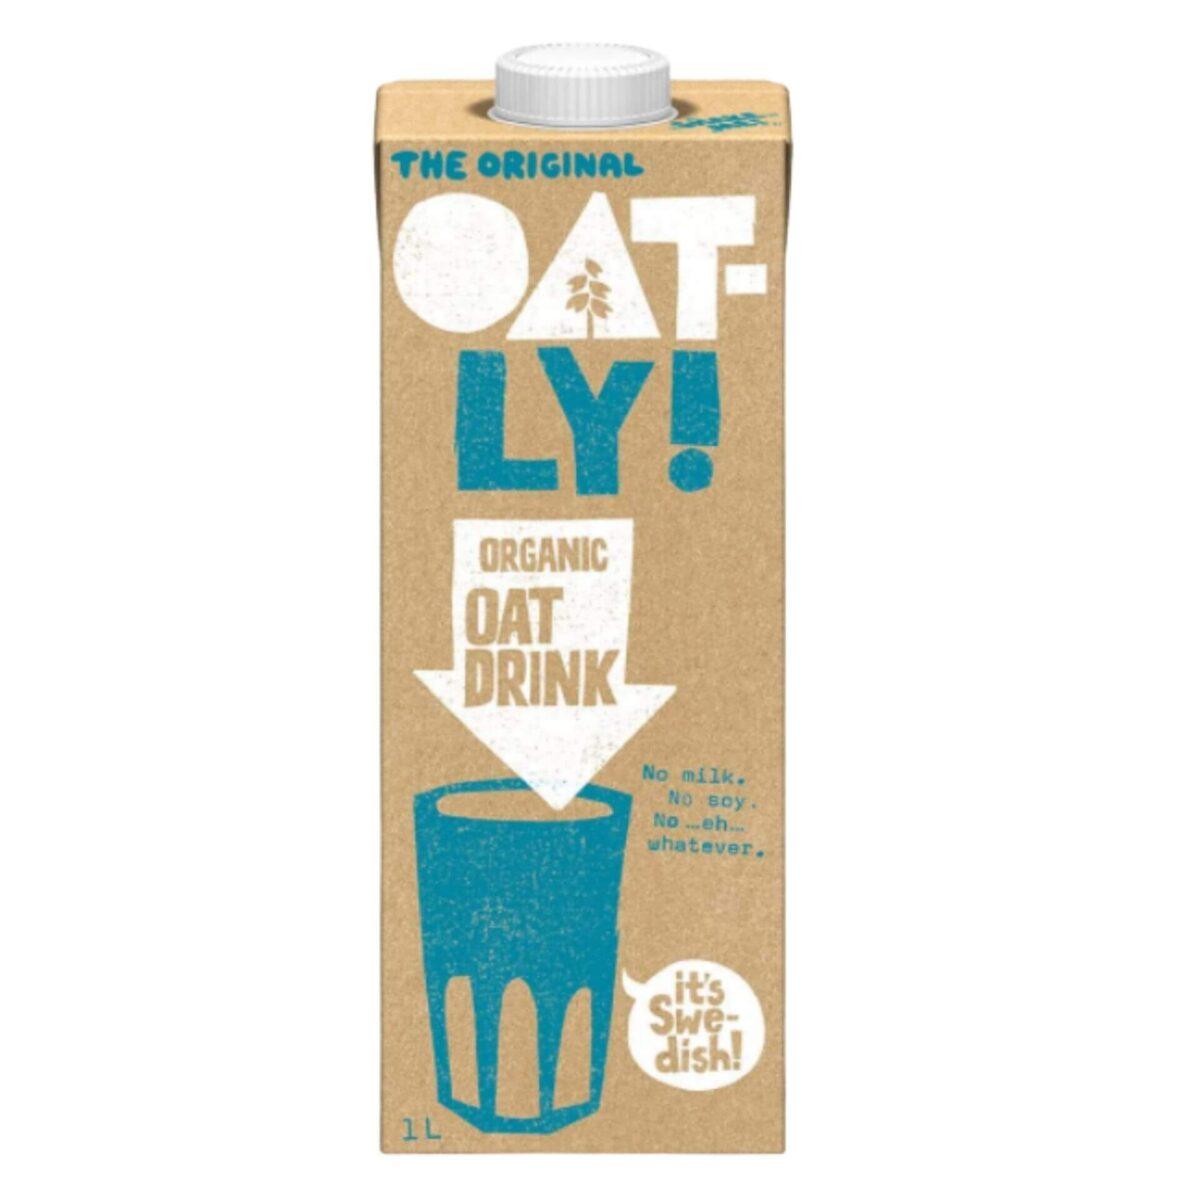 oatly-organic-oat-drink-1-litre-601611-2